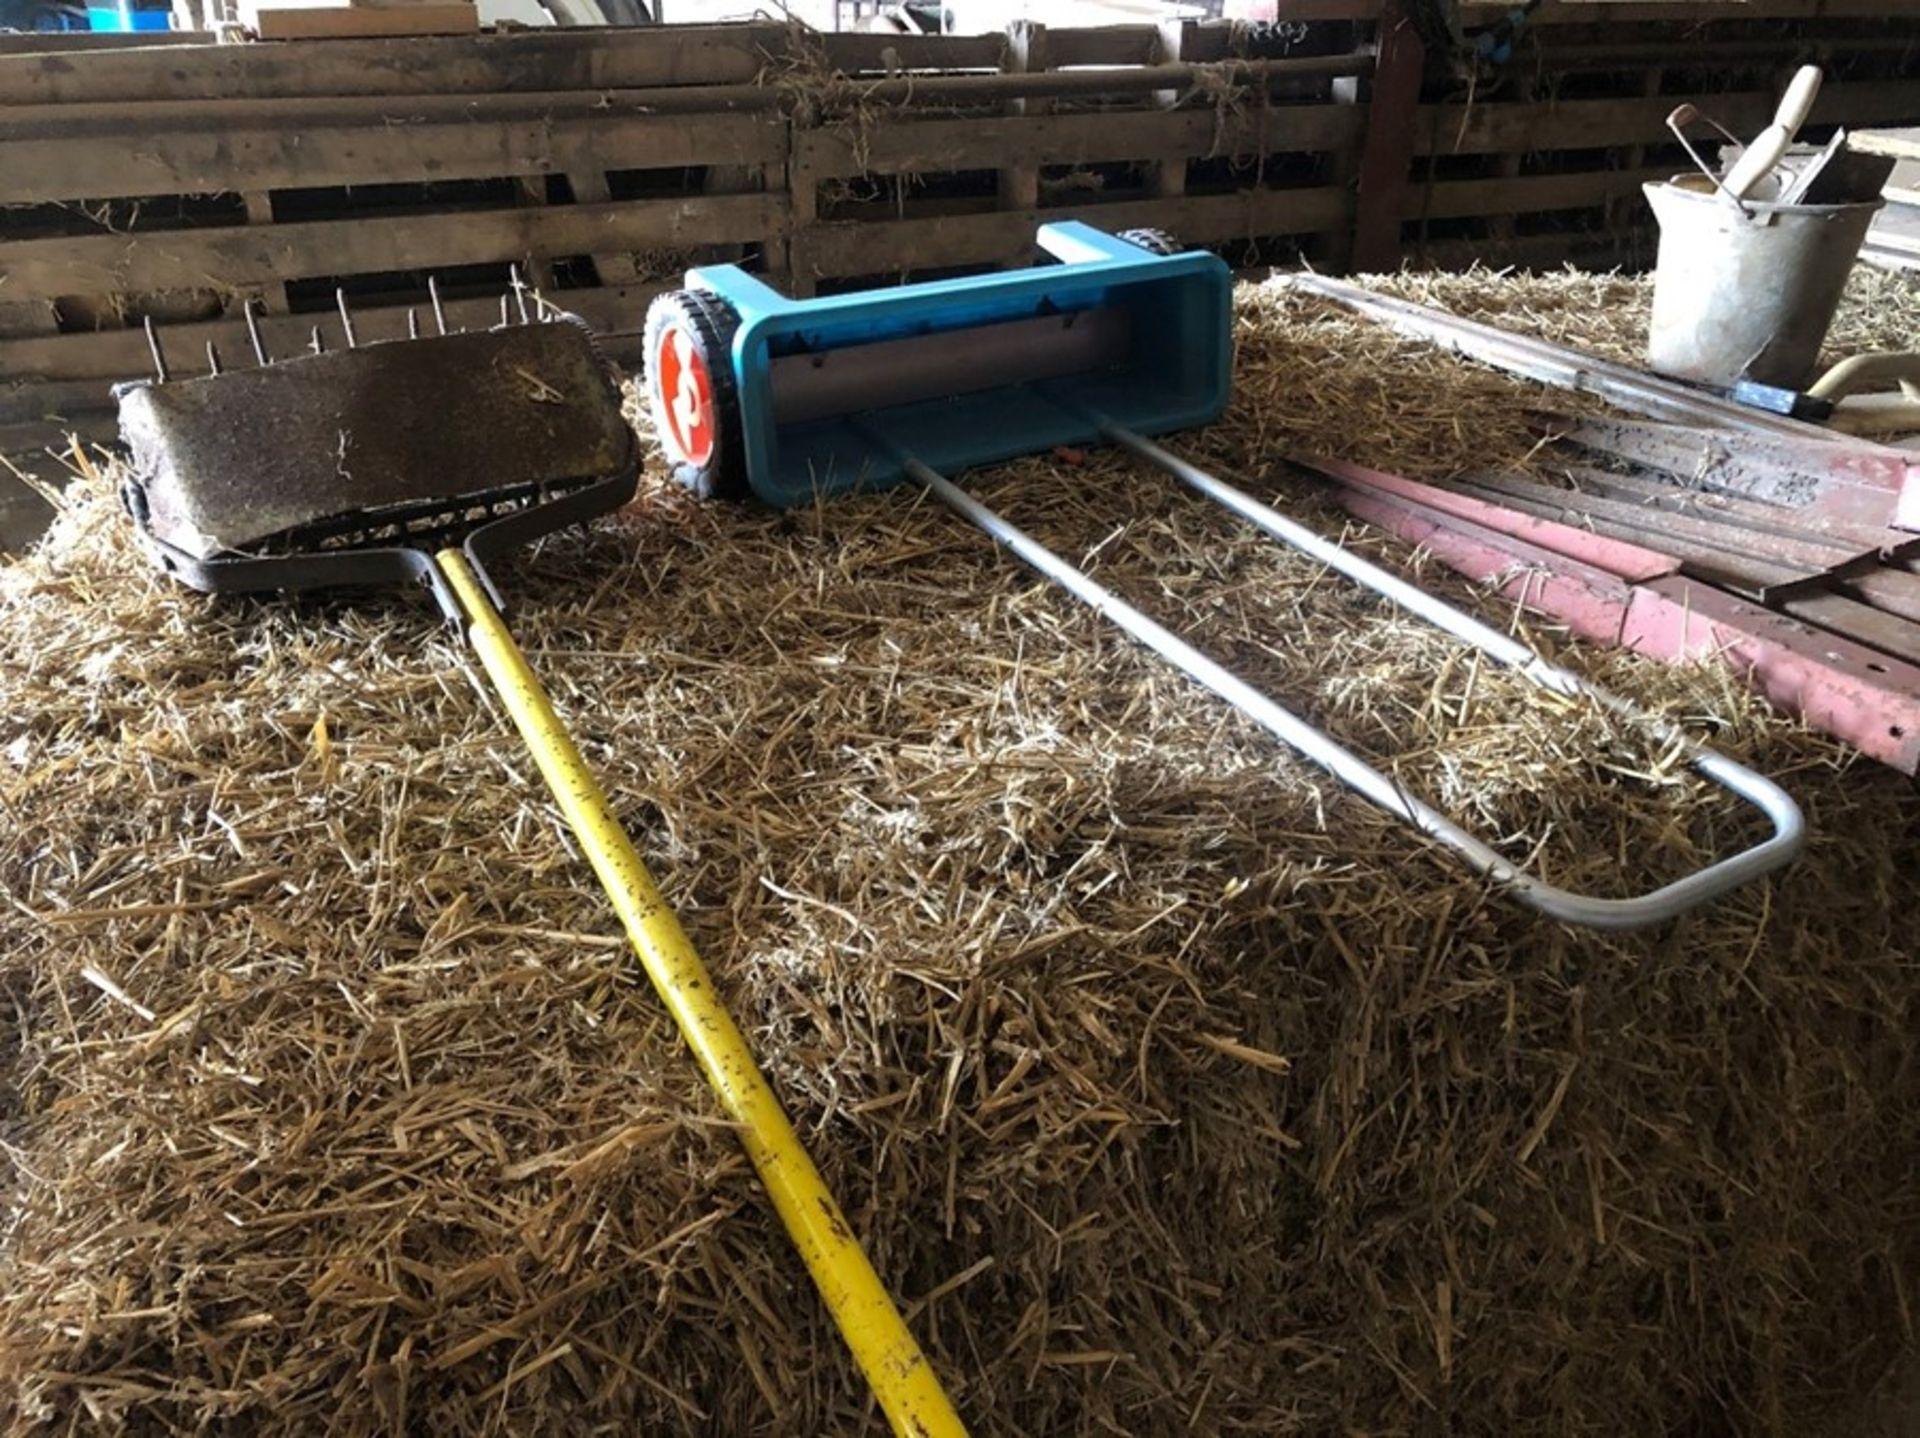 Lawn spiker & fertiliser applicator